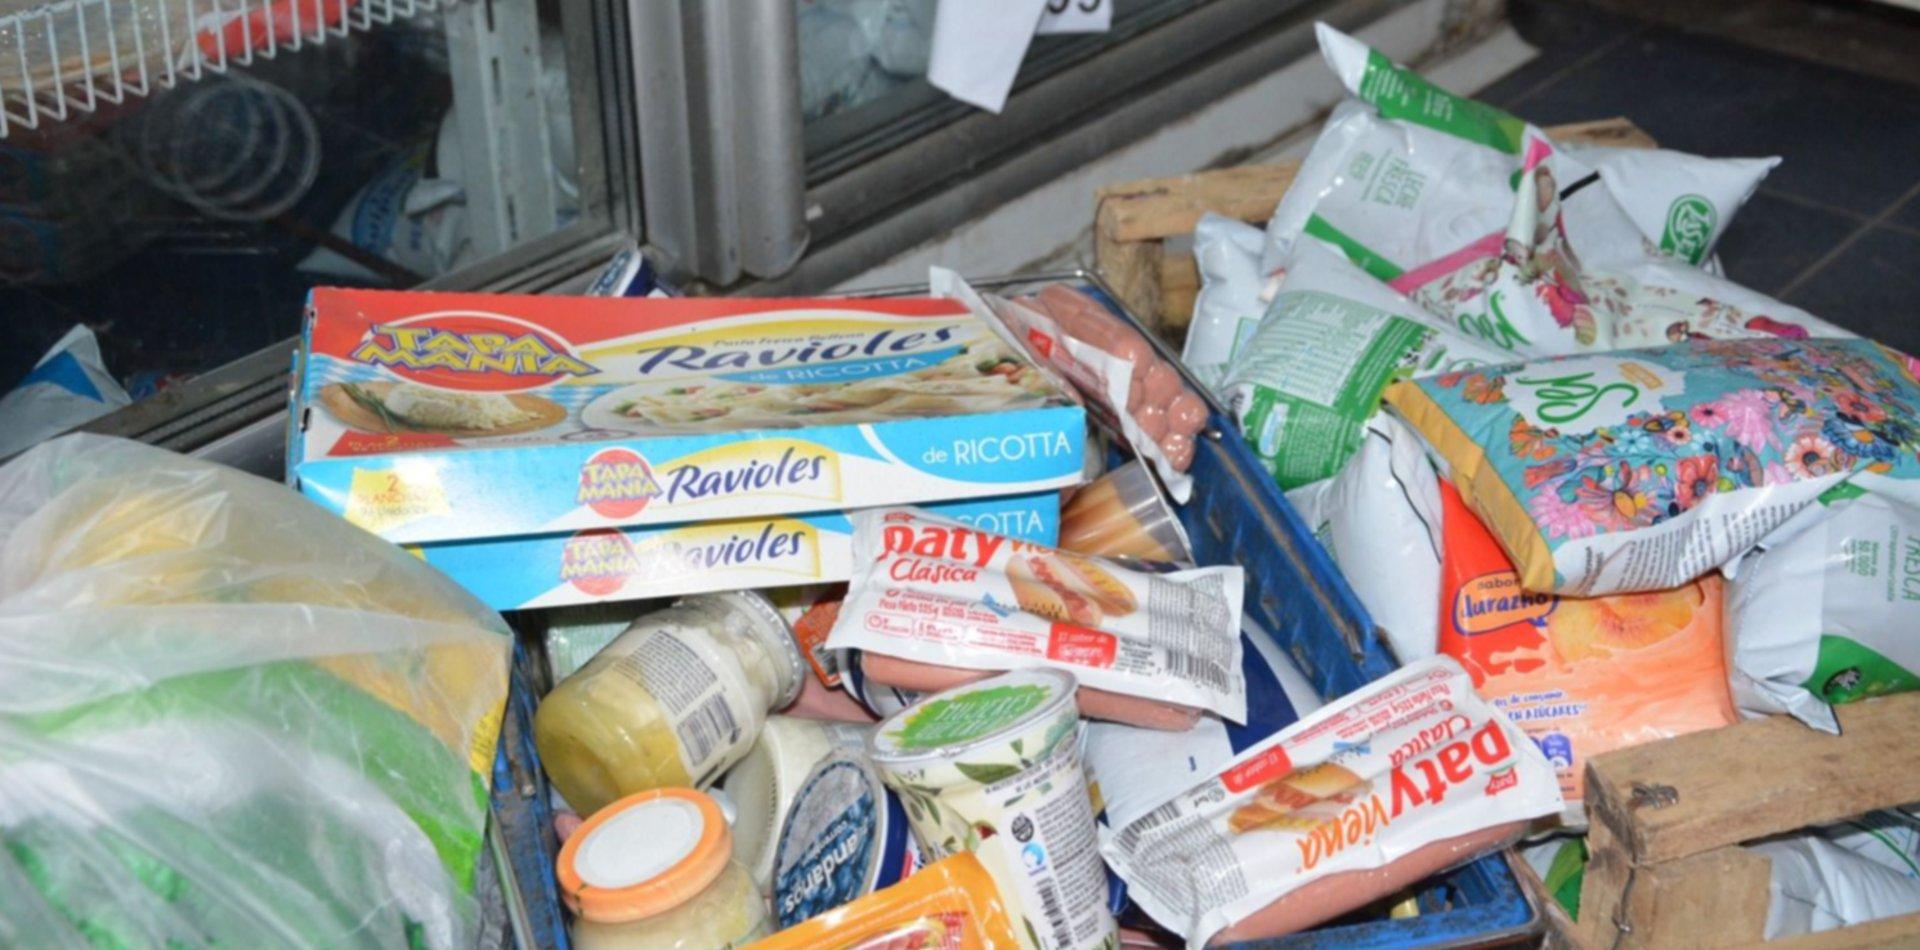 Porotos, quesos y leche para bebés: qué había en el supermercado clausurado